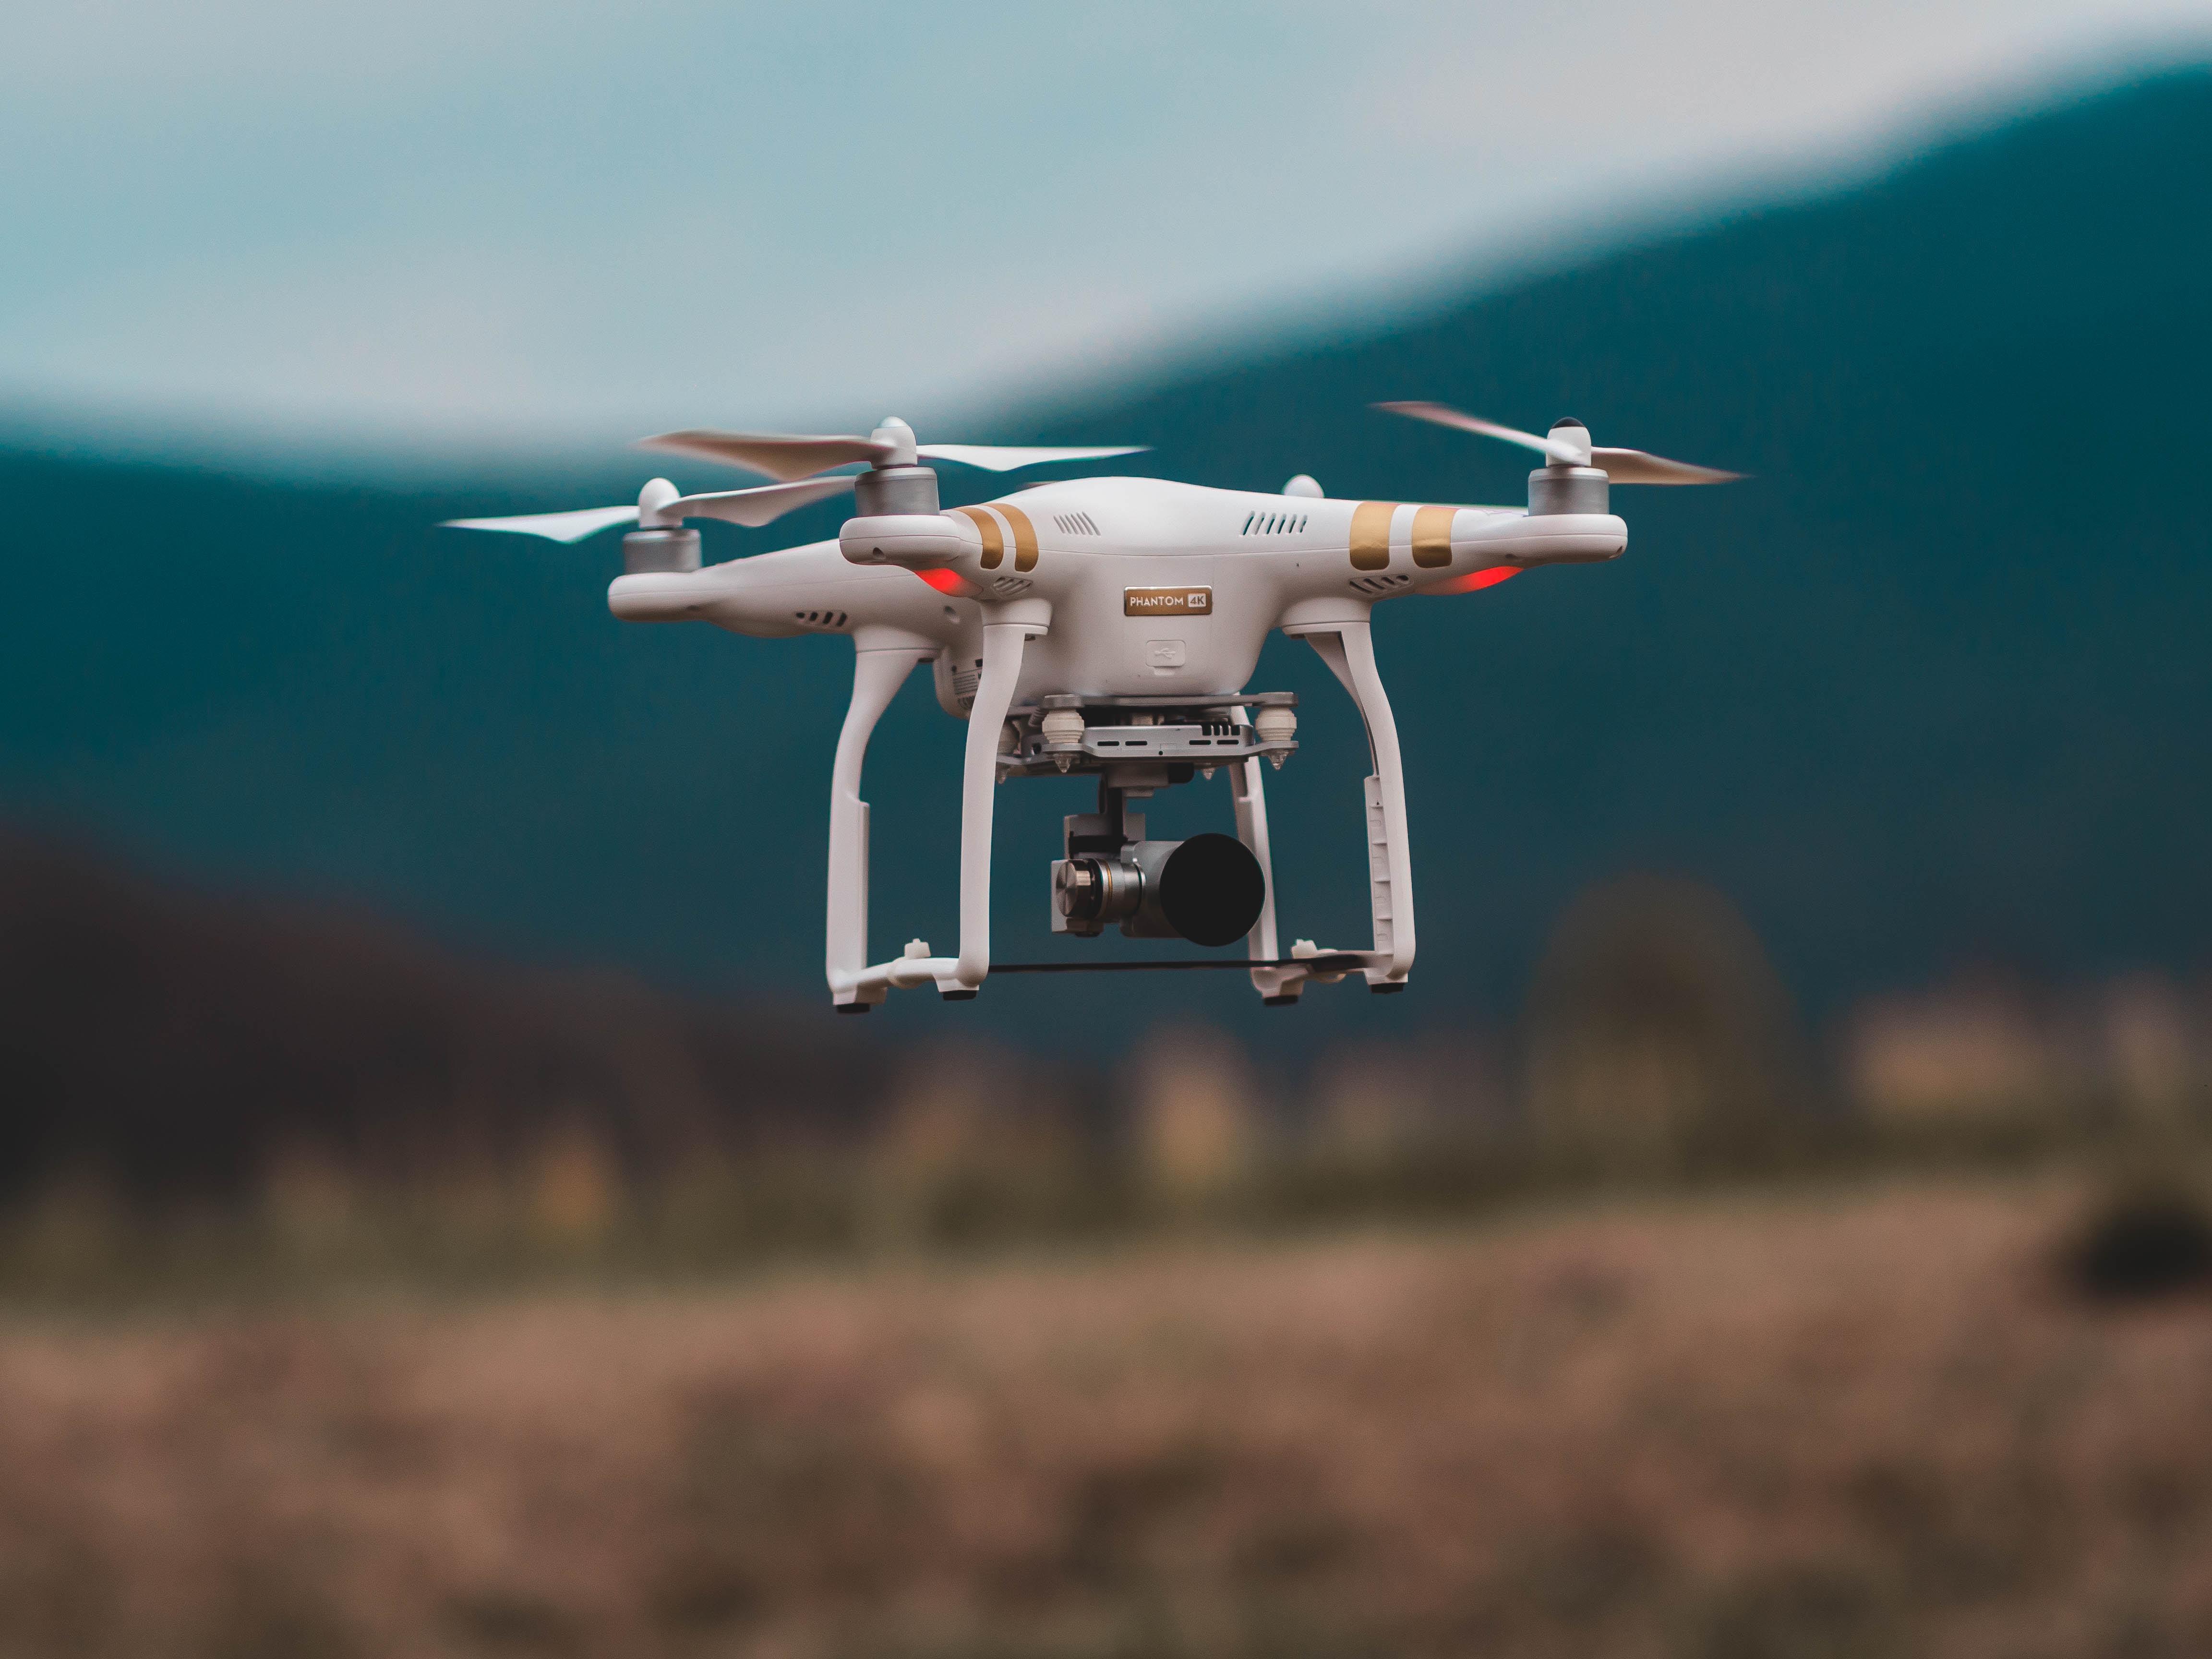 UPS Uses Drones to Deliver Medicine